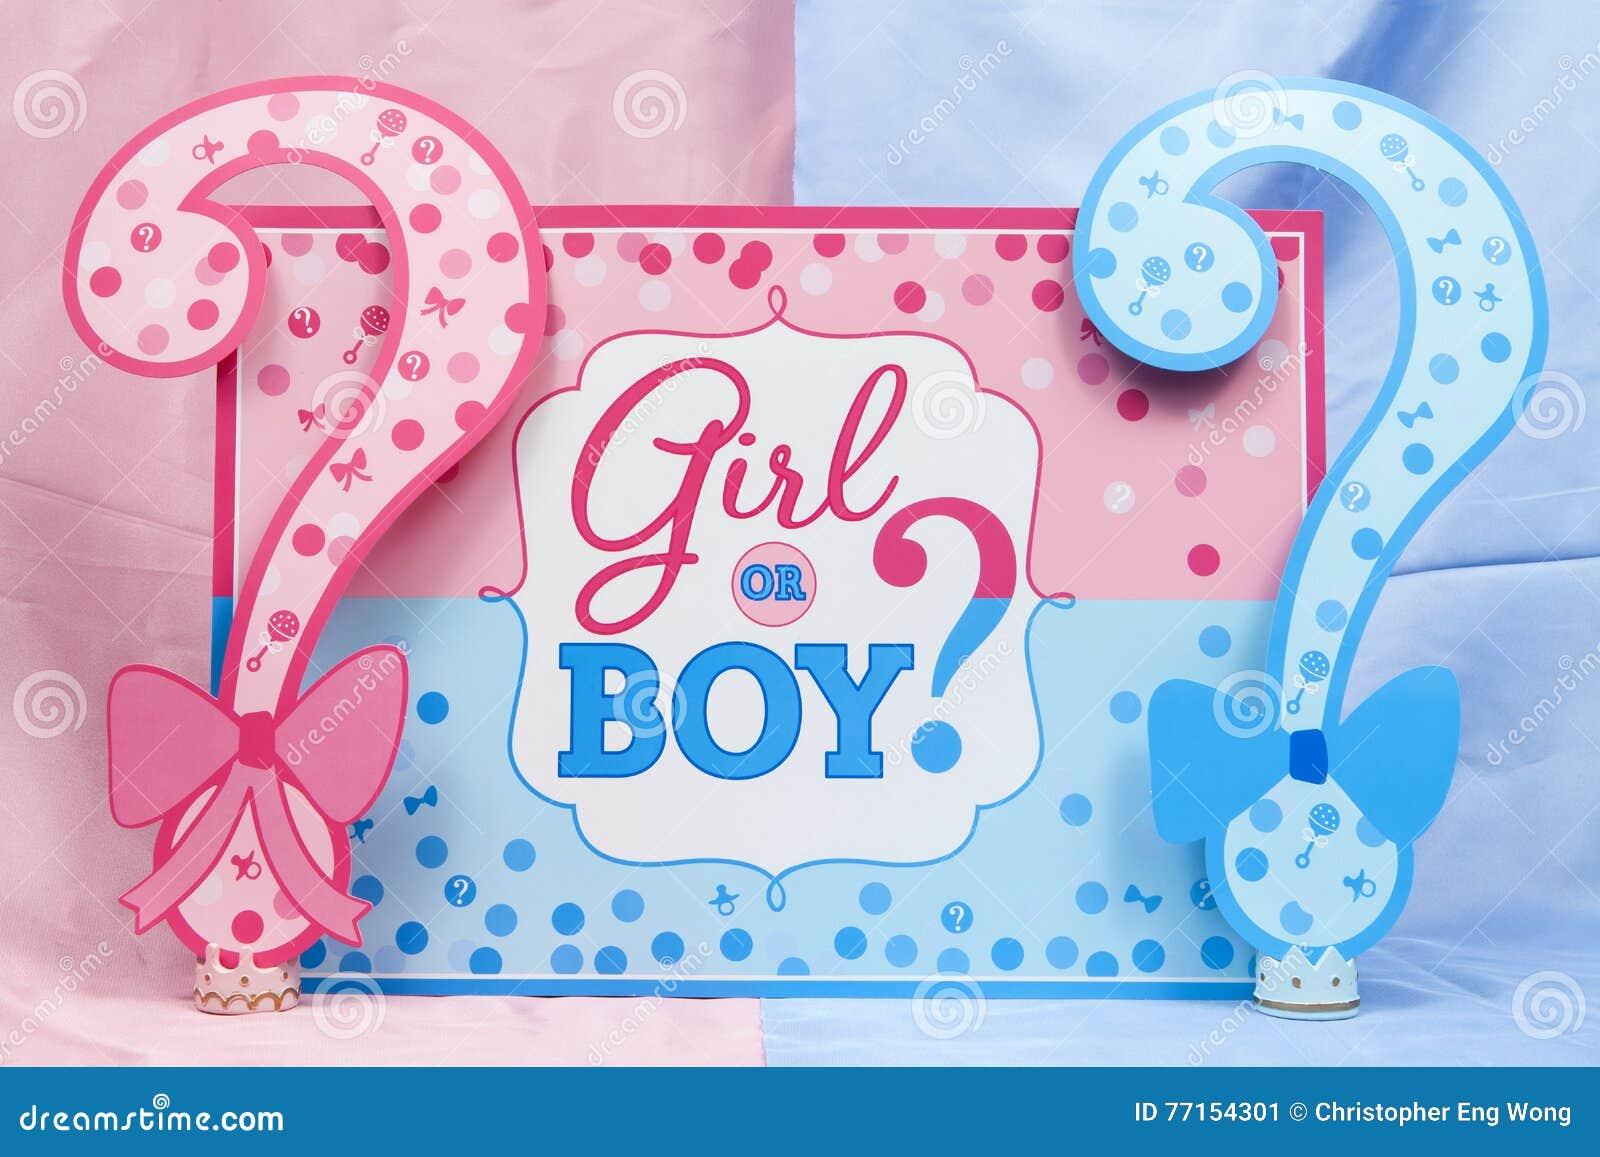 geschlecht decken auf stockbild bild von schwangerschaft 77154301. Black Bedroom Furniture Sets. Home Design Ideas